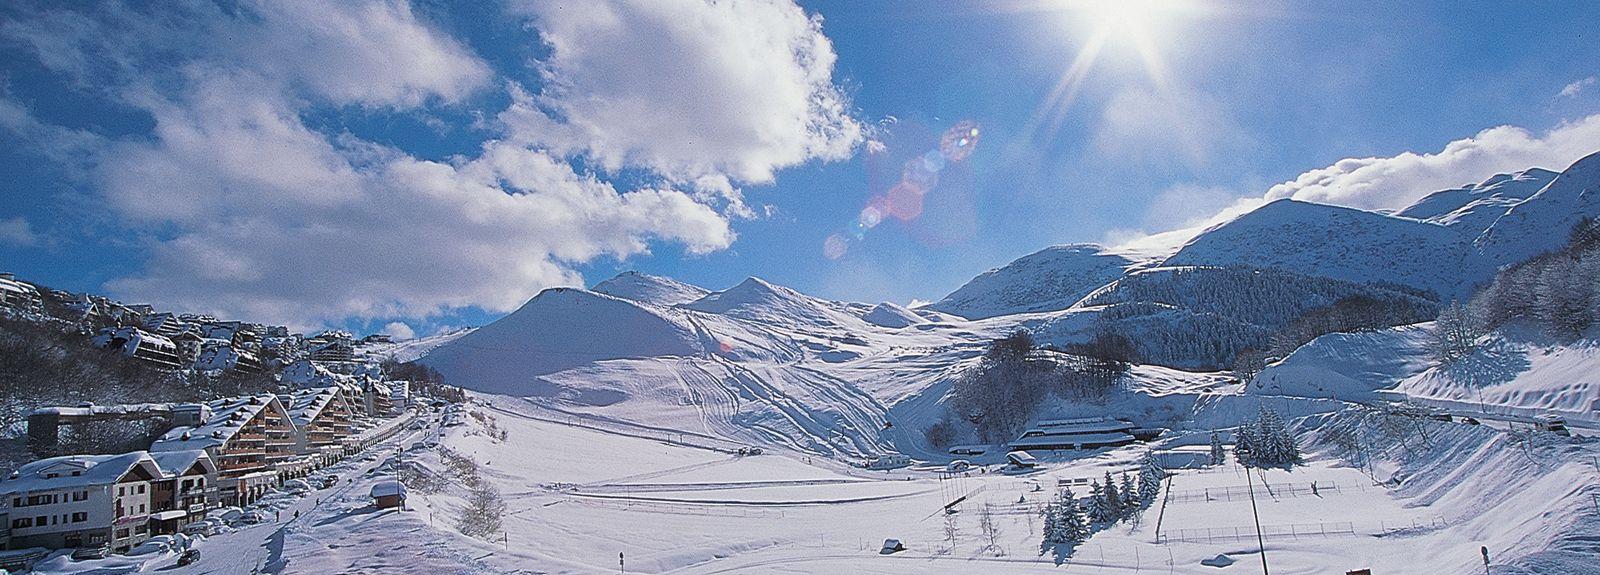 Κιούσα ντι Πέσιο, Piedmont, Ιταλία